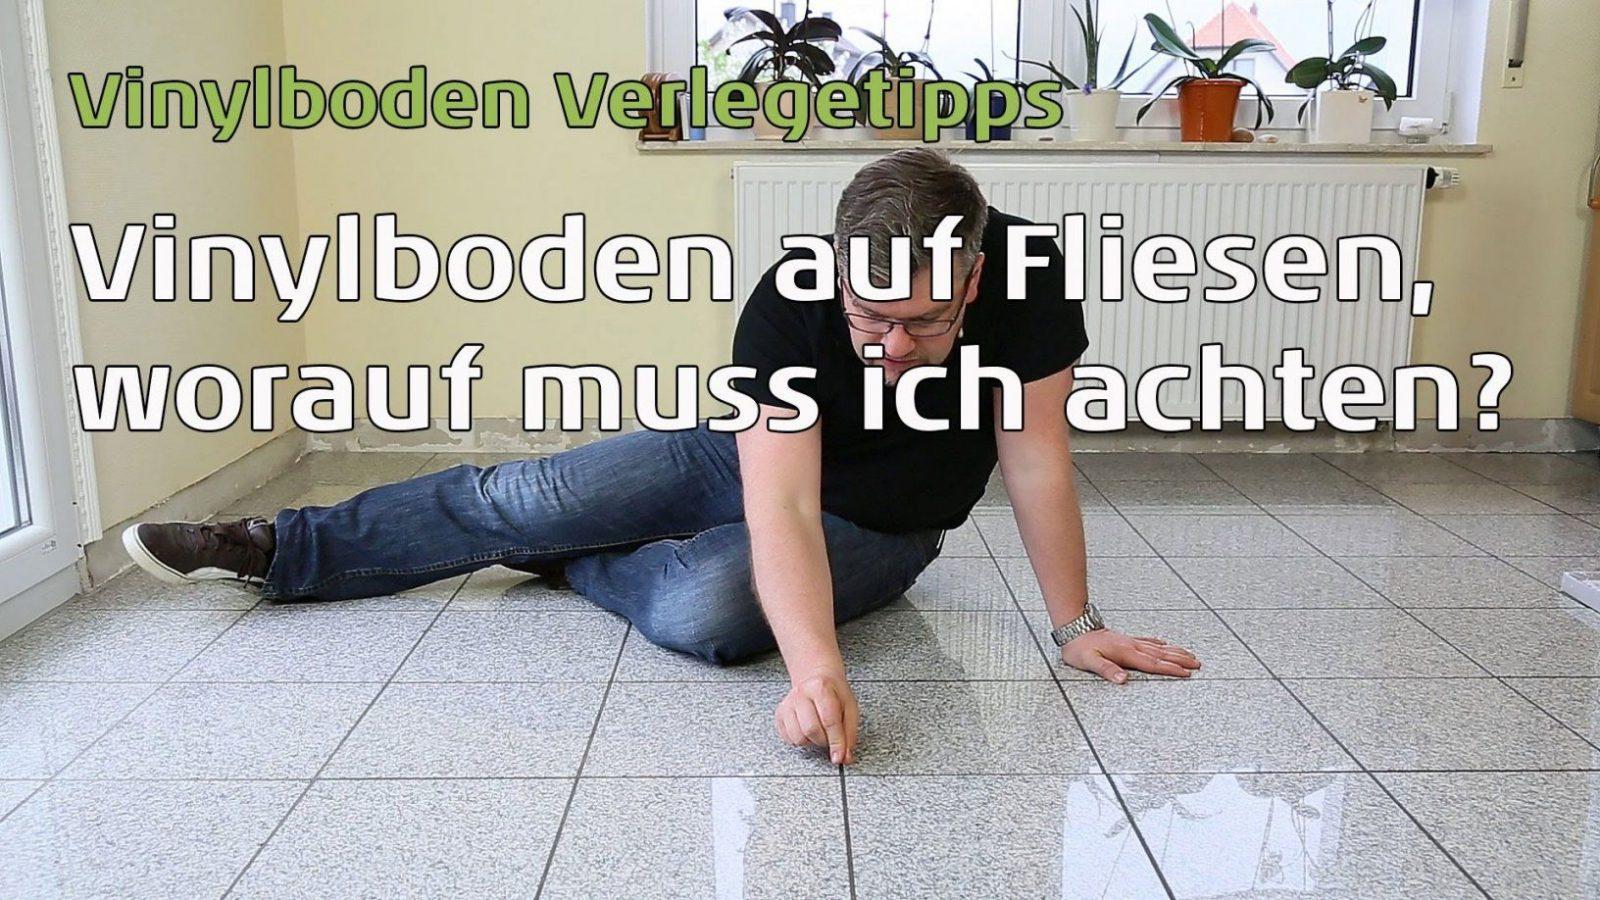 Inspirierend Vinylboden Auf Fliesen Verlegen Wie Breit Und Tief Darf von Vinylboden Im Bad Verlegen Bild